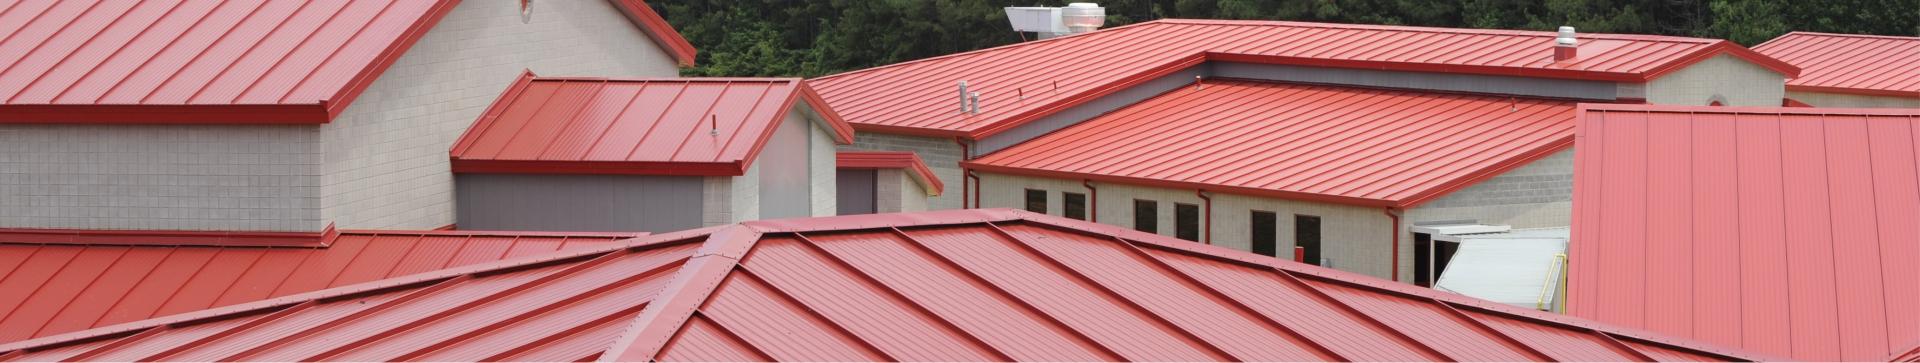 Šiuolaikiniai efektyvūs stogų ir sienų sistemų sprendimai